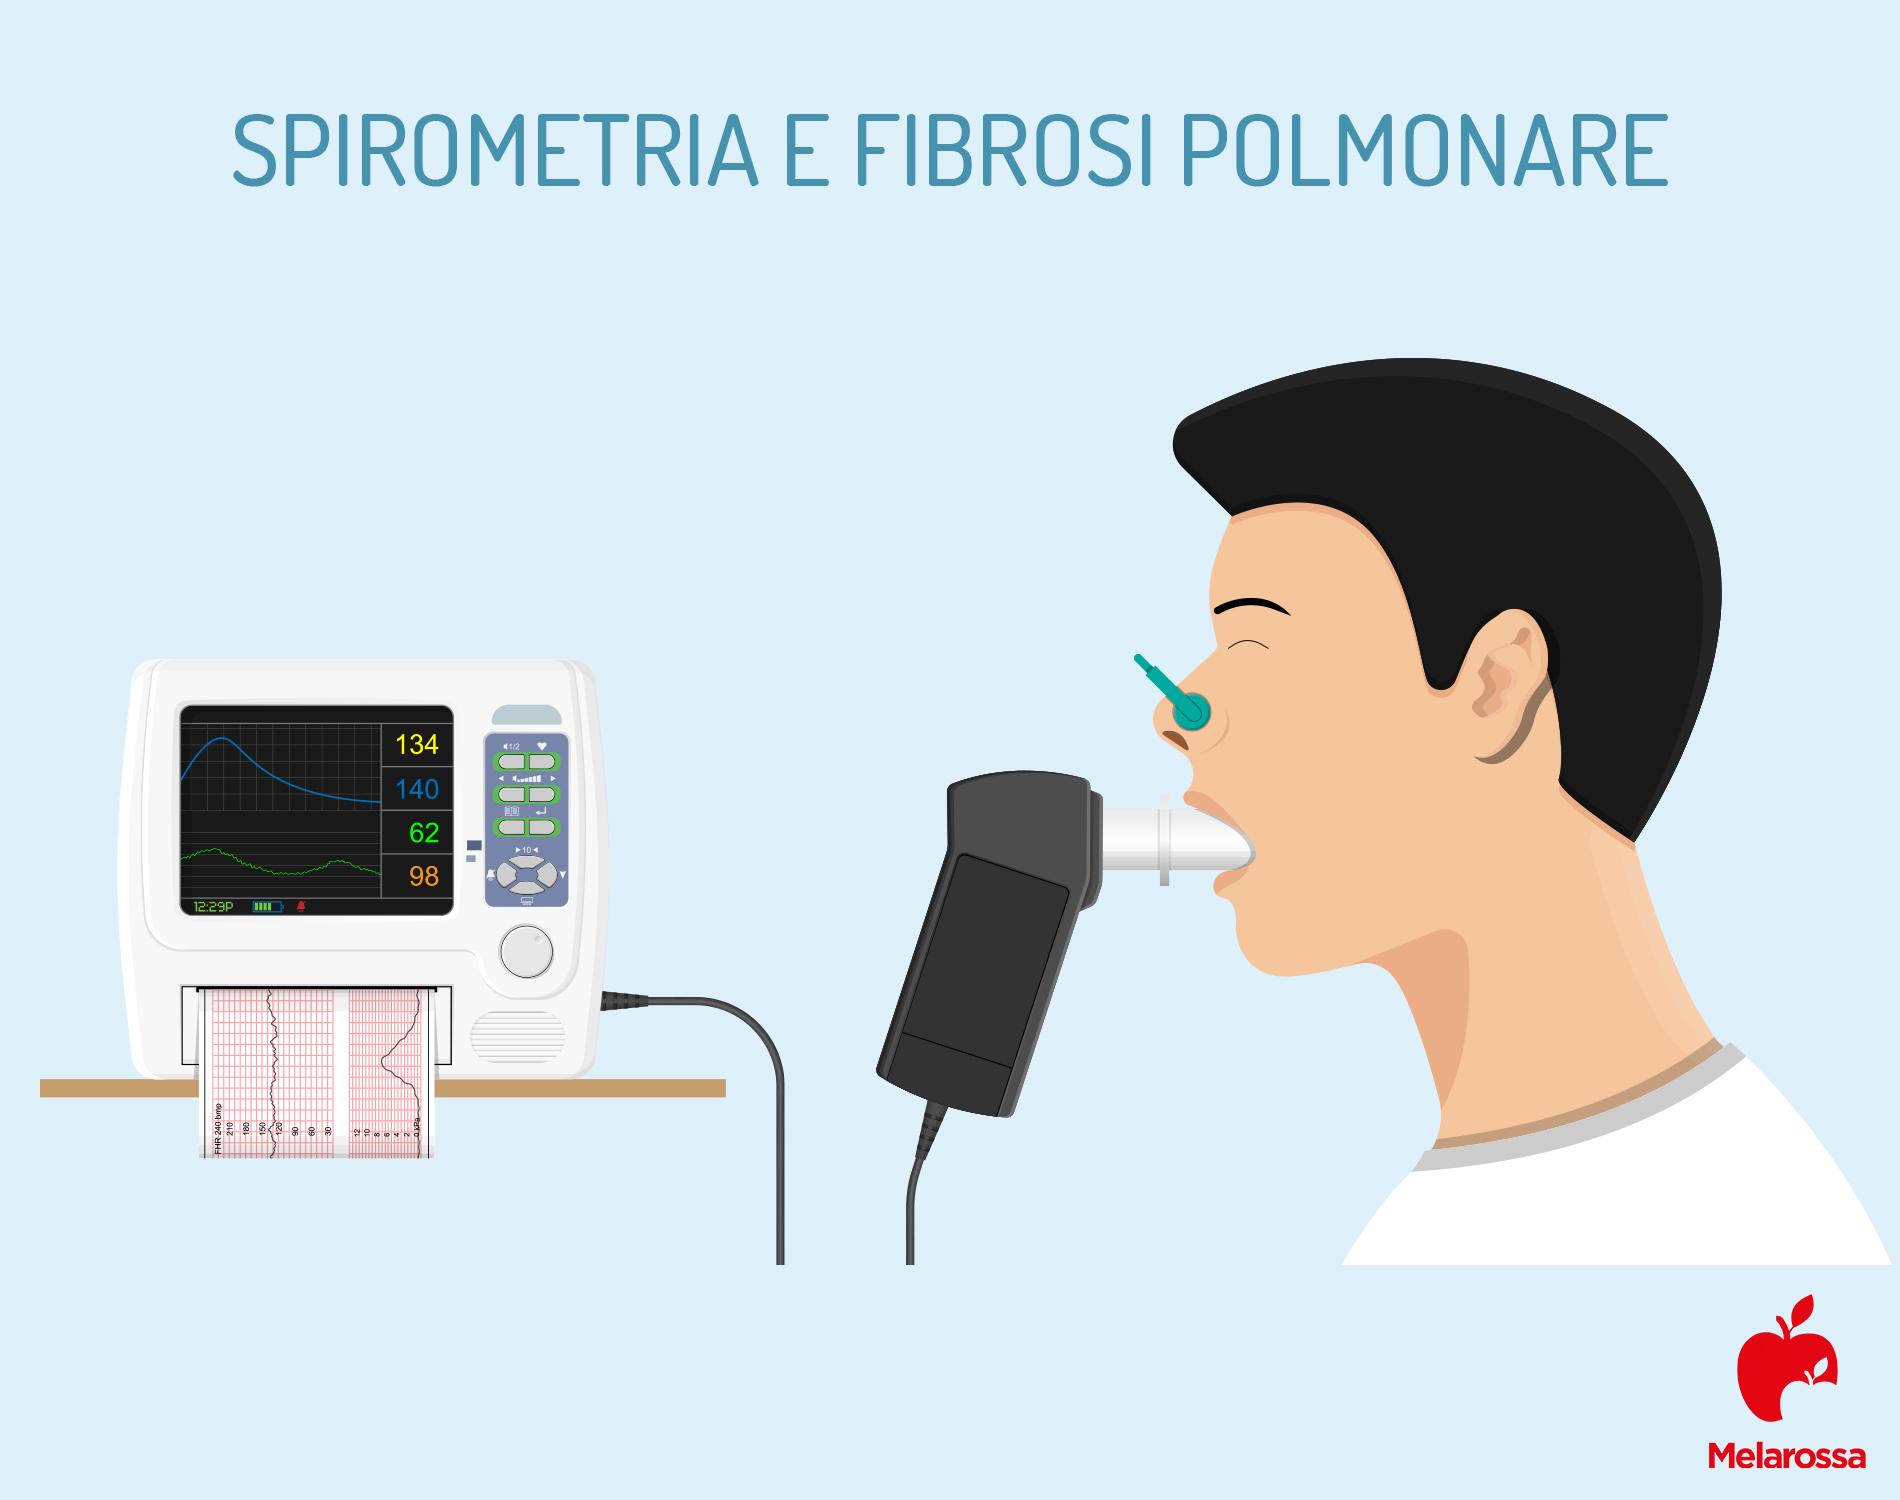 fibrosi polmonare: spirometria